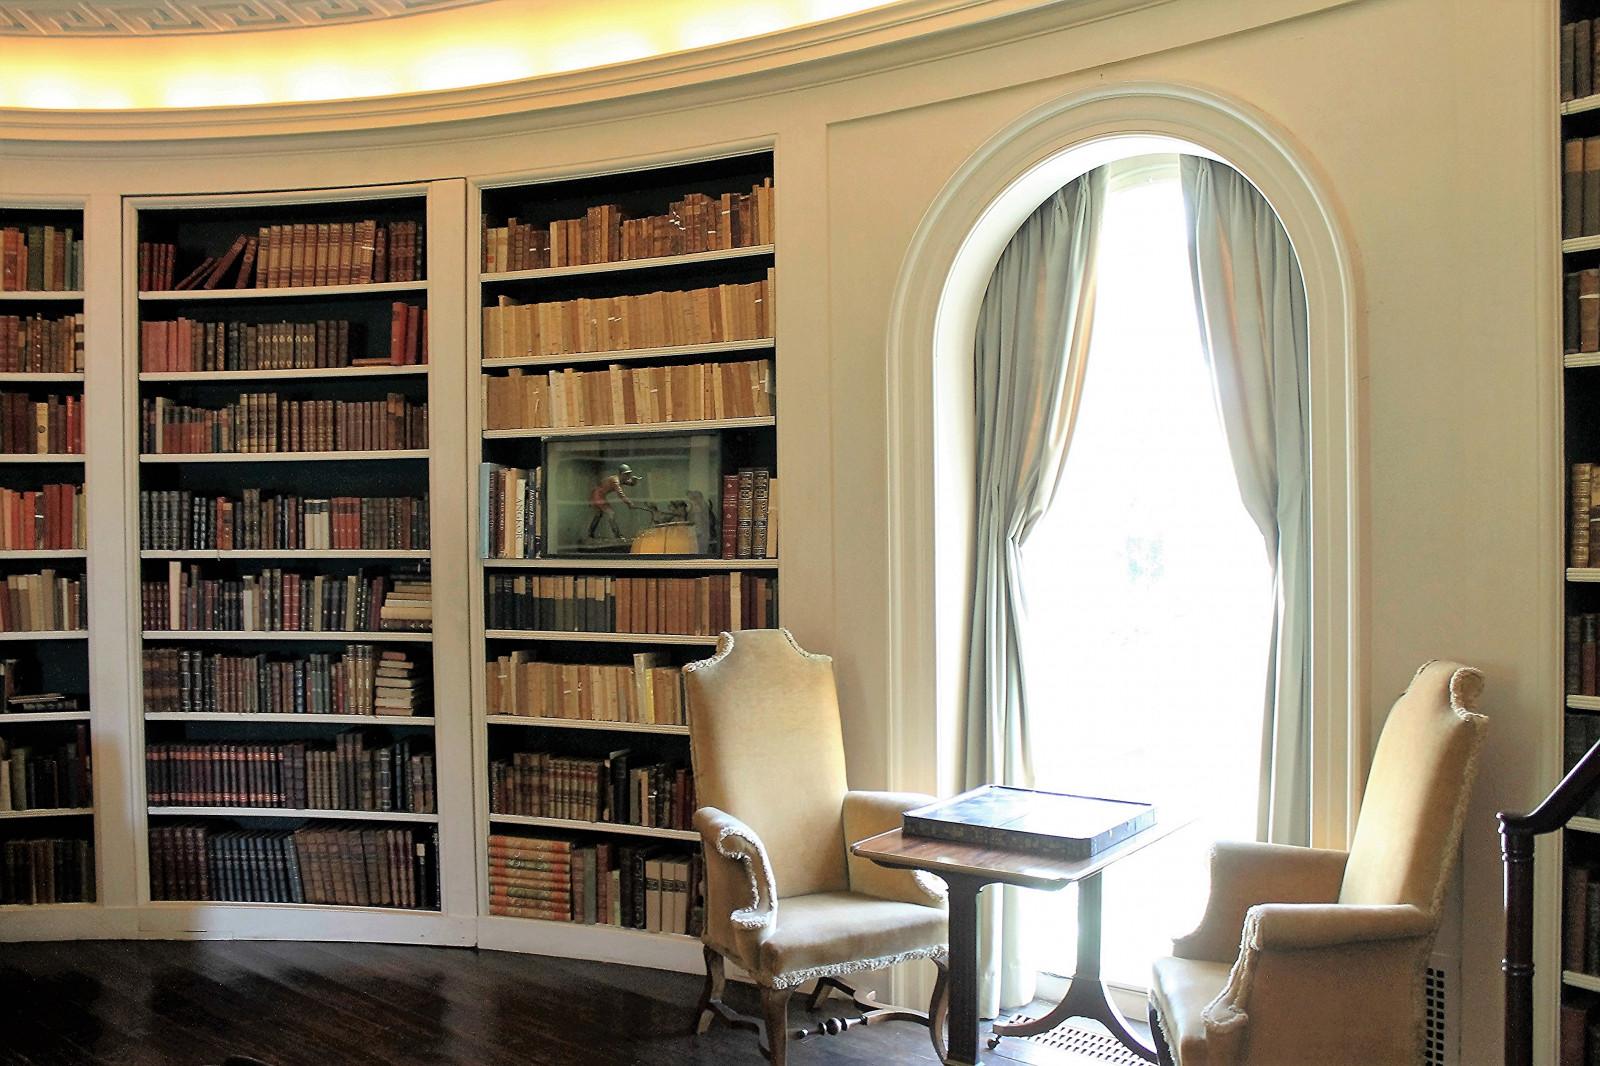 Innenarchitektur Bücher hintergrundbilder fenster bücher regal innenarchitektur villen